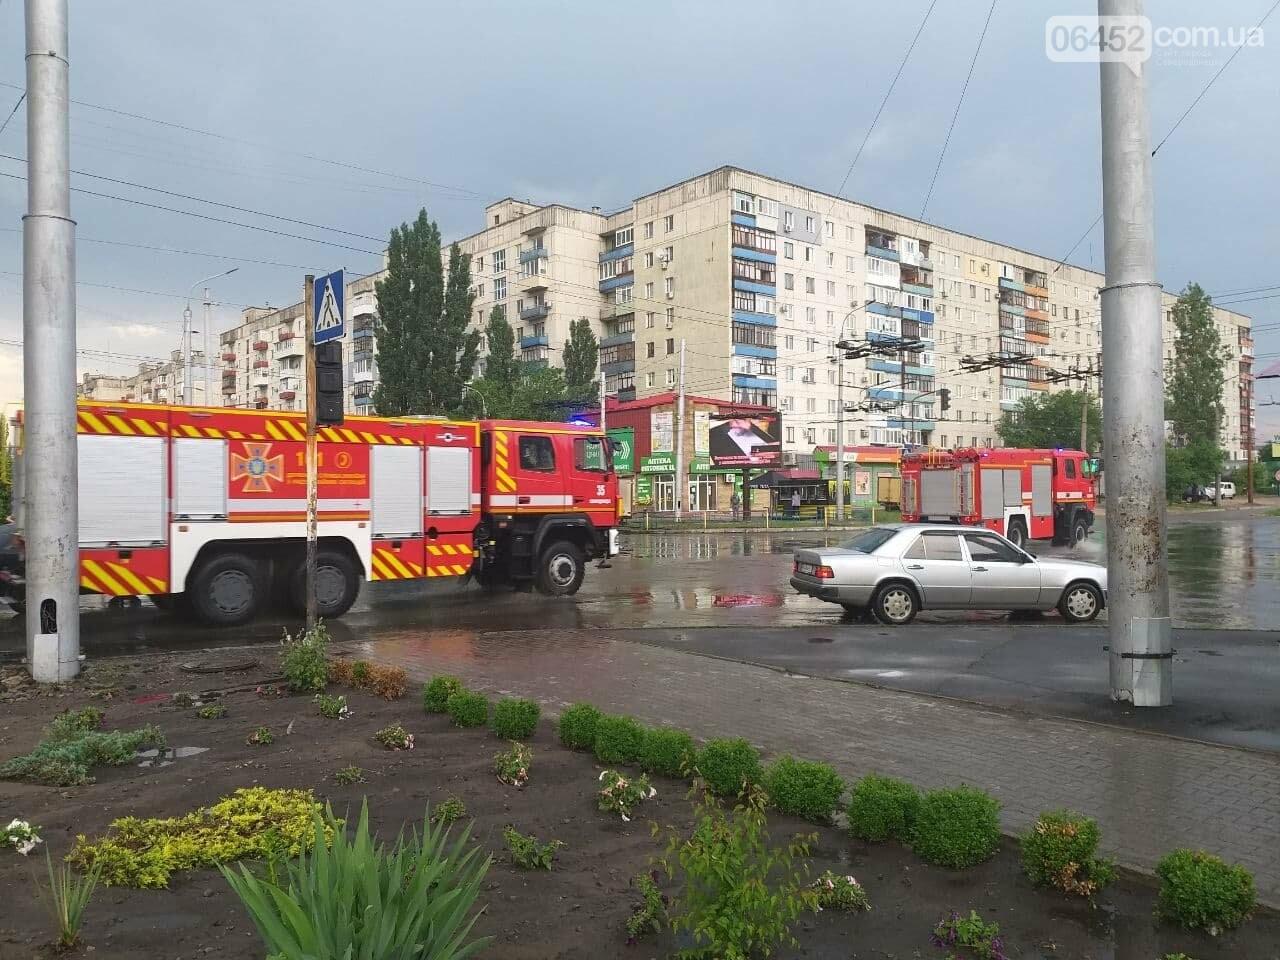 После дождика в четверг: мощный ливень обрушился на Северодонецк и оставил массу проблем, фото-1